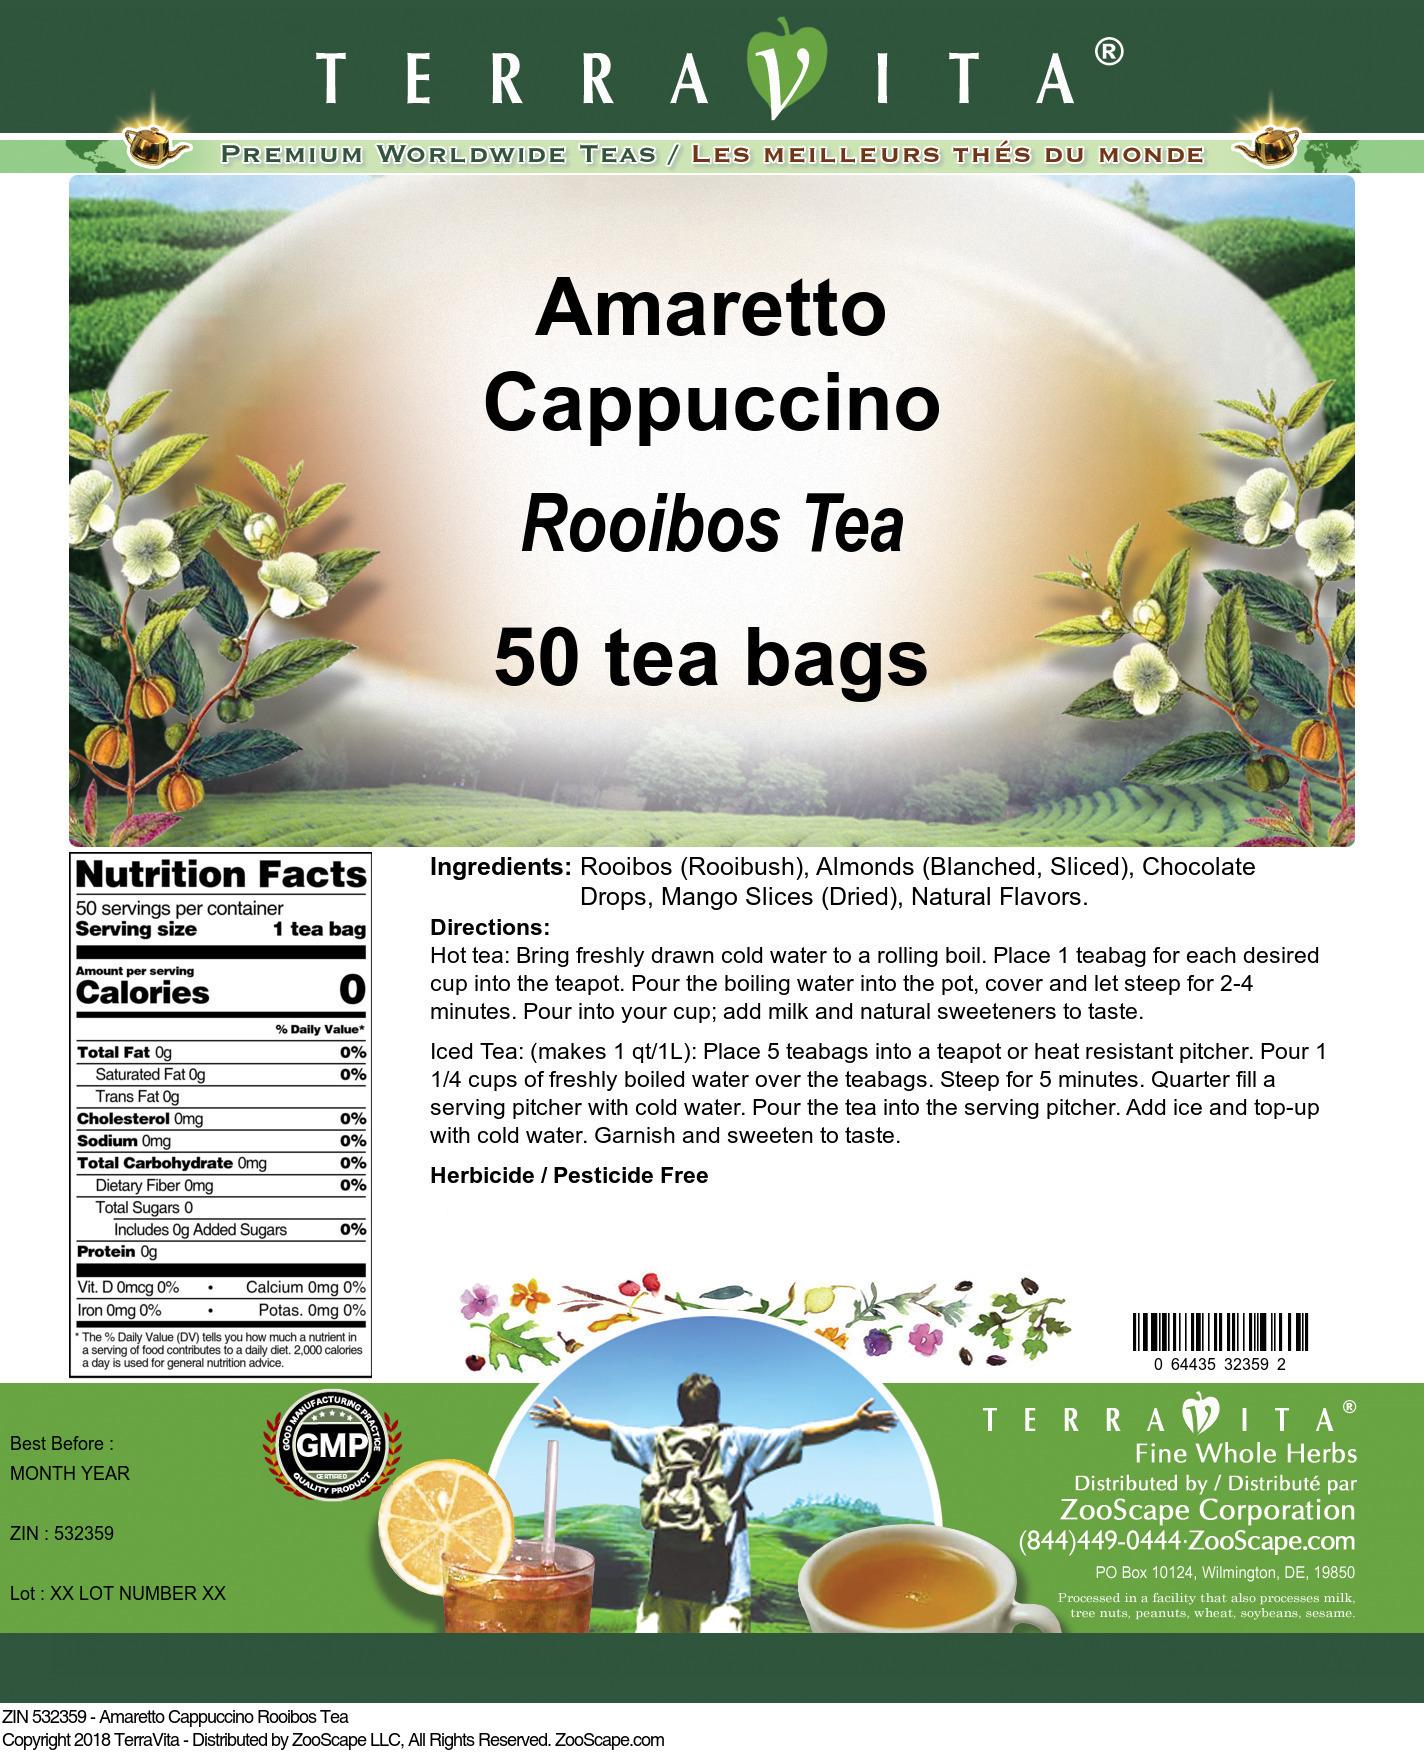 Amaretto Cappuccino Rooibos Tea